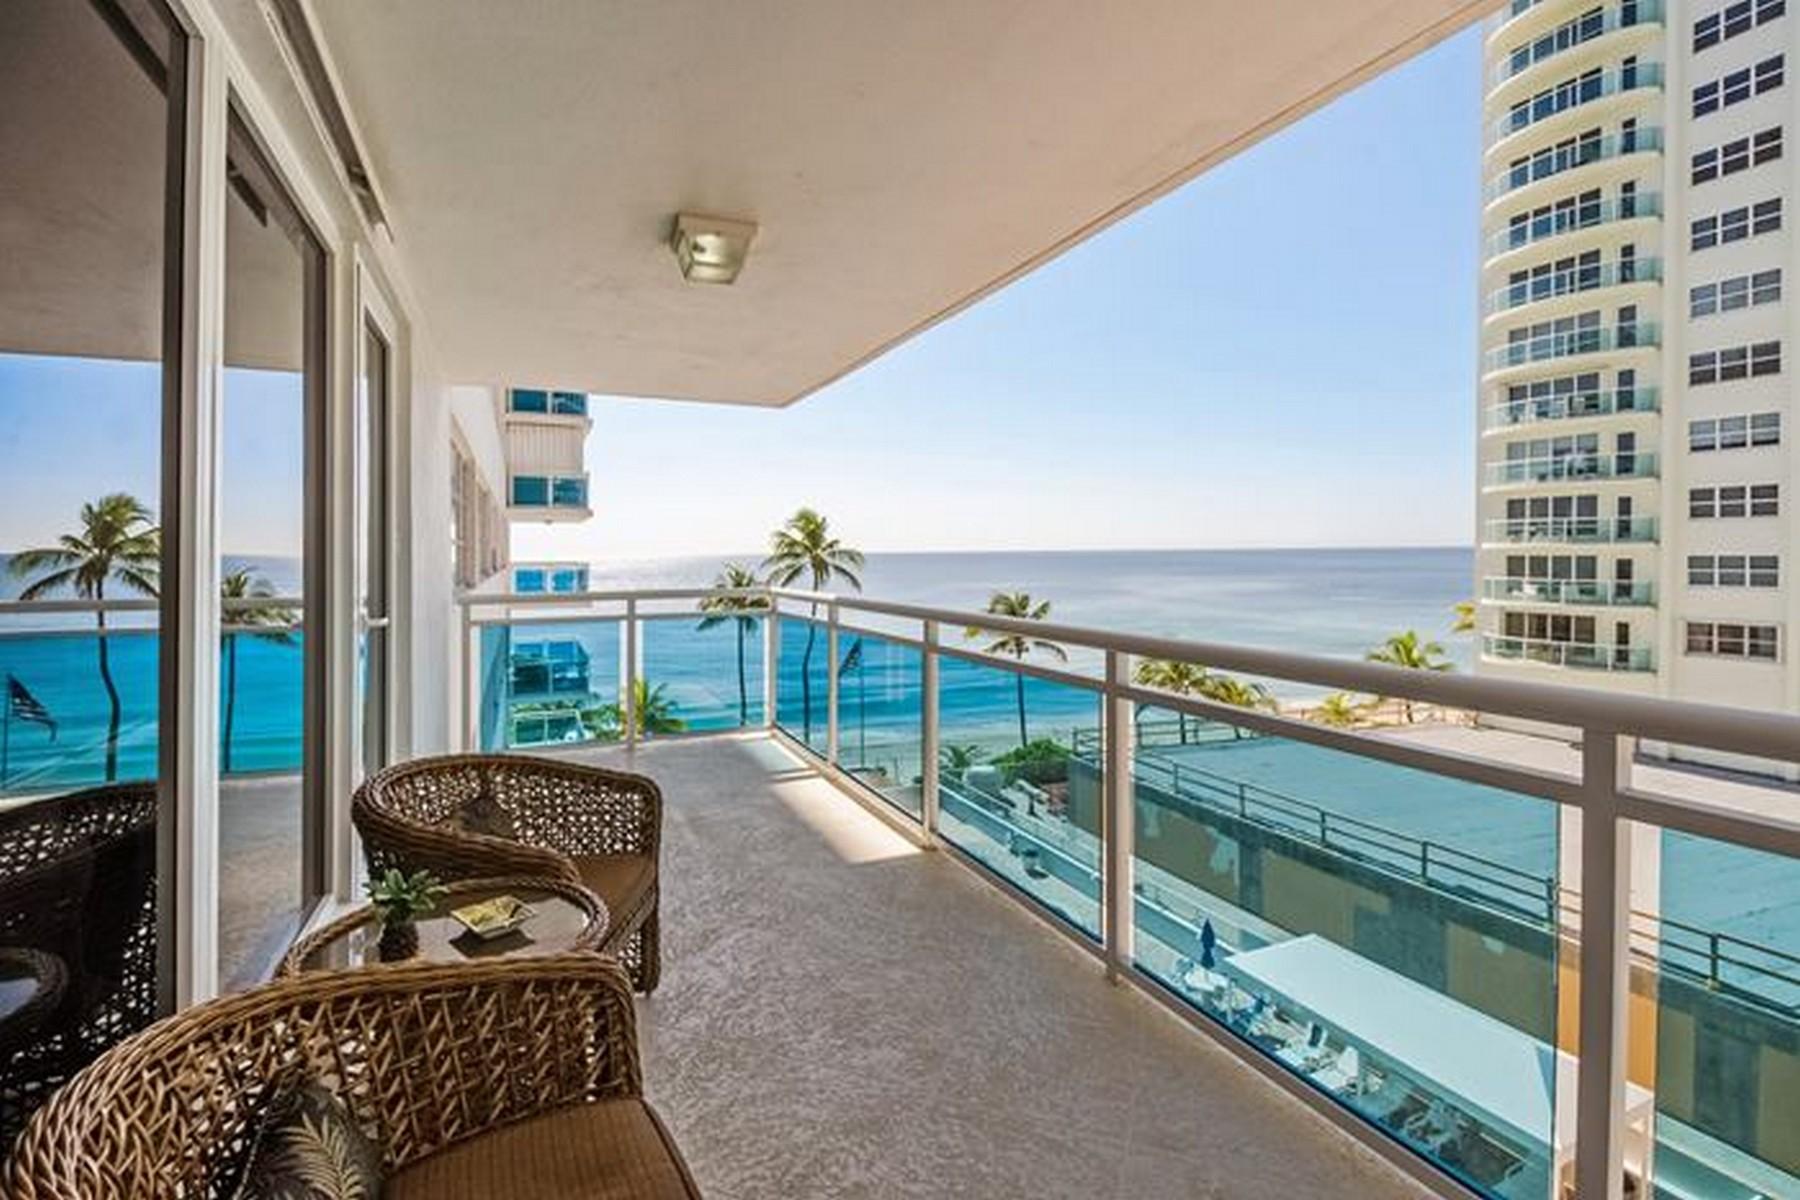 Appartement pour l Vente à 3430 Galt Ocean Dr #508 Fort Lauderdale, Florida 33308 États-Unis